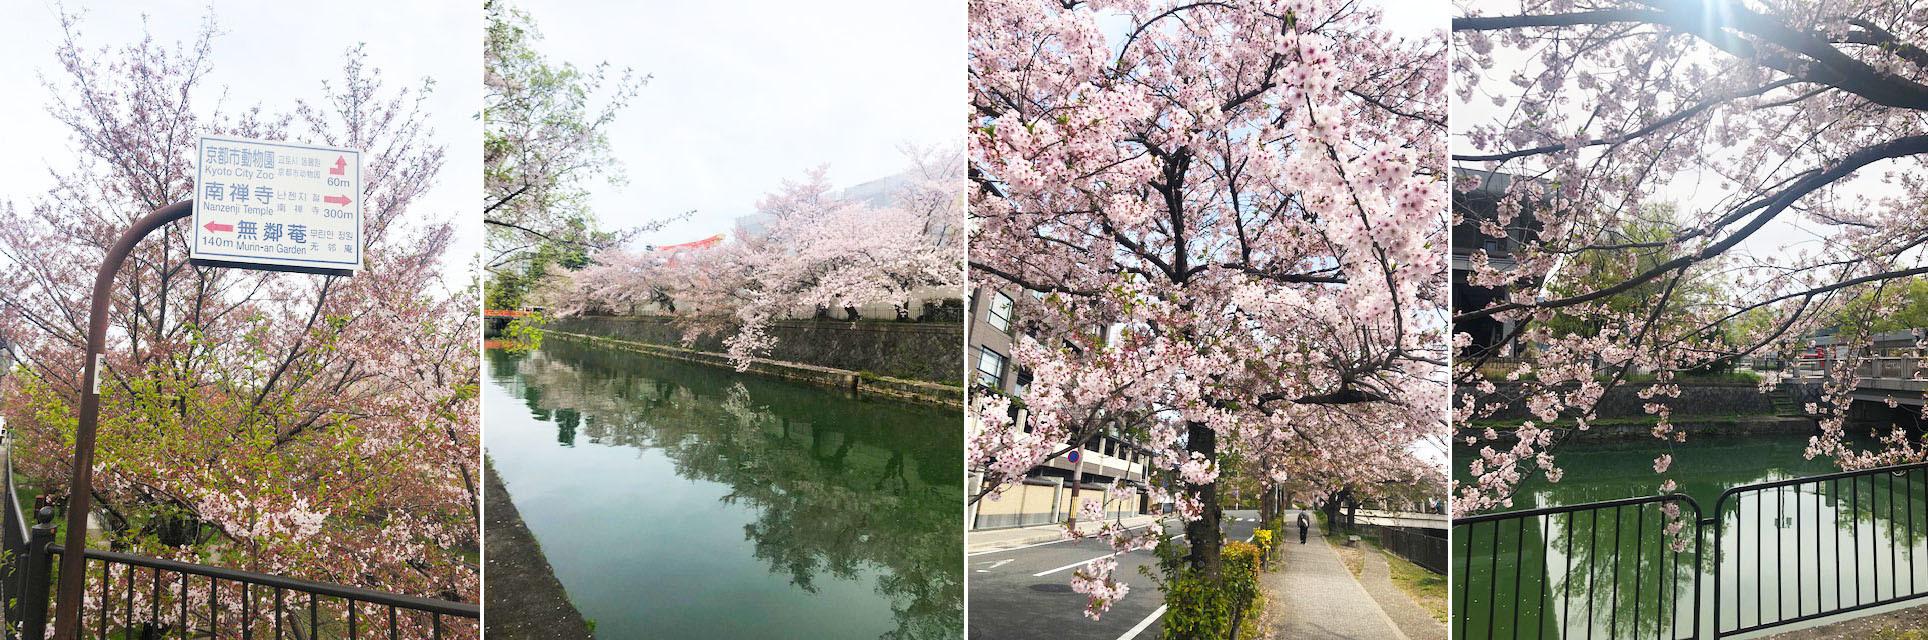 散りゆく桜も情趣あふれるもの。そして菖蒲や藤と移りゆく。_b0215856_14405151.jpg